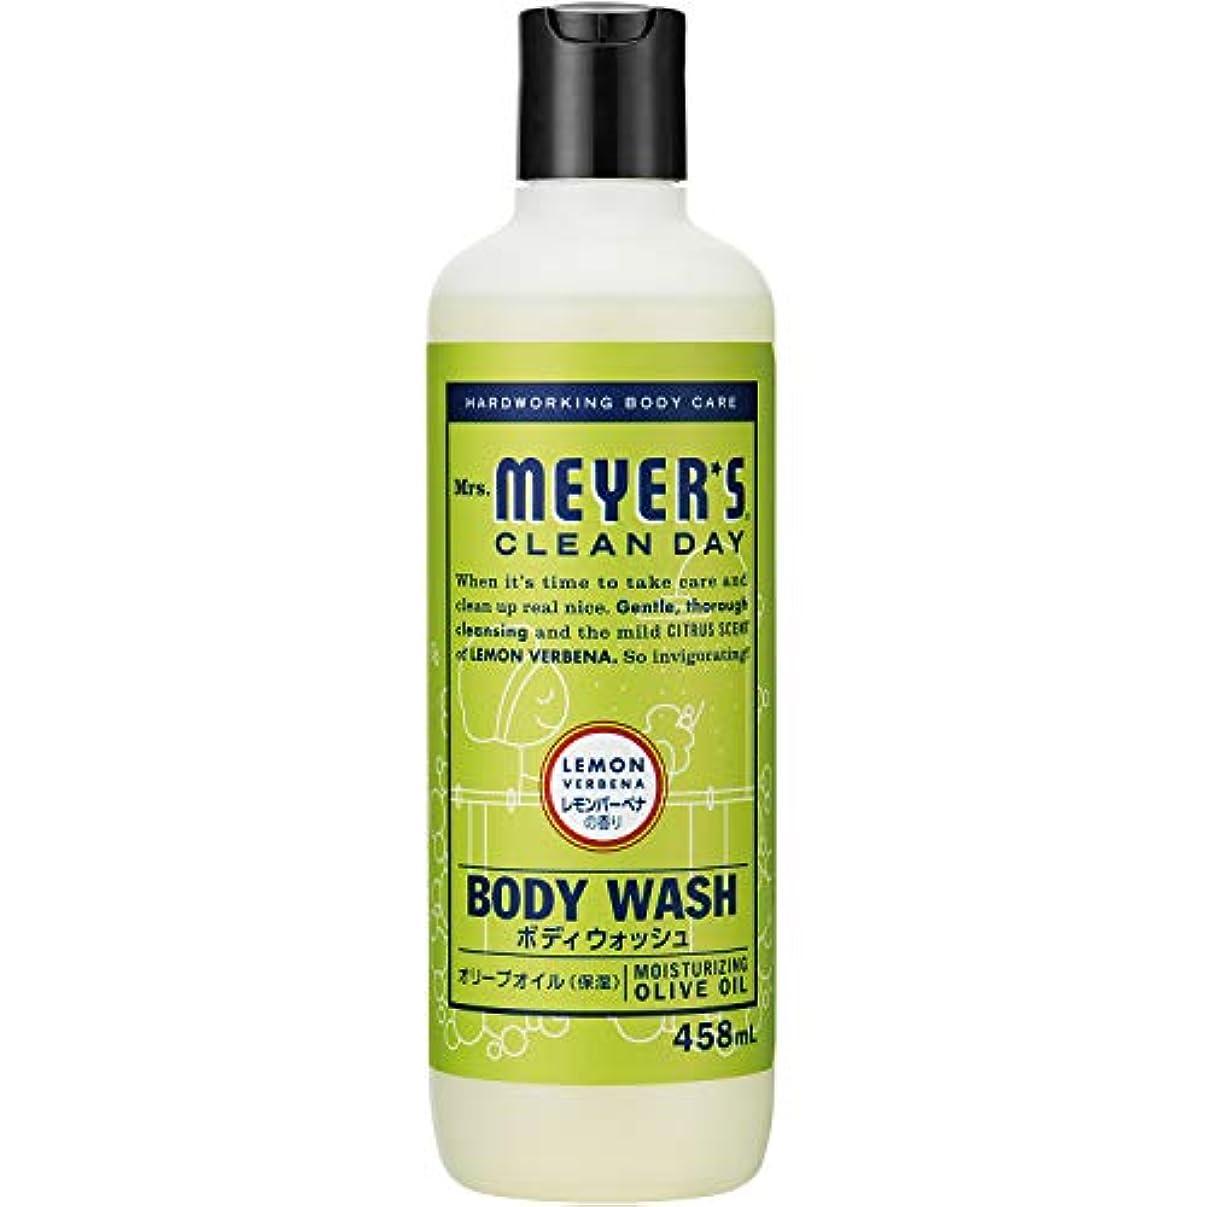 ハックロイヤリティ命令的Mrs. MEYER'S CLEAN DAY(ミセスマイヤーズ クリーンデイ) ミセスマイヤーズ クリーンデイ(Mrs.Meyers Clean Day) ボディウォッシュ レモンバーベナの香り 458ml ボディソープ